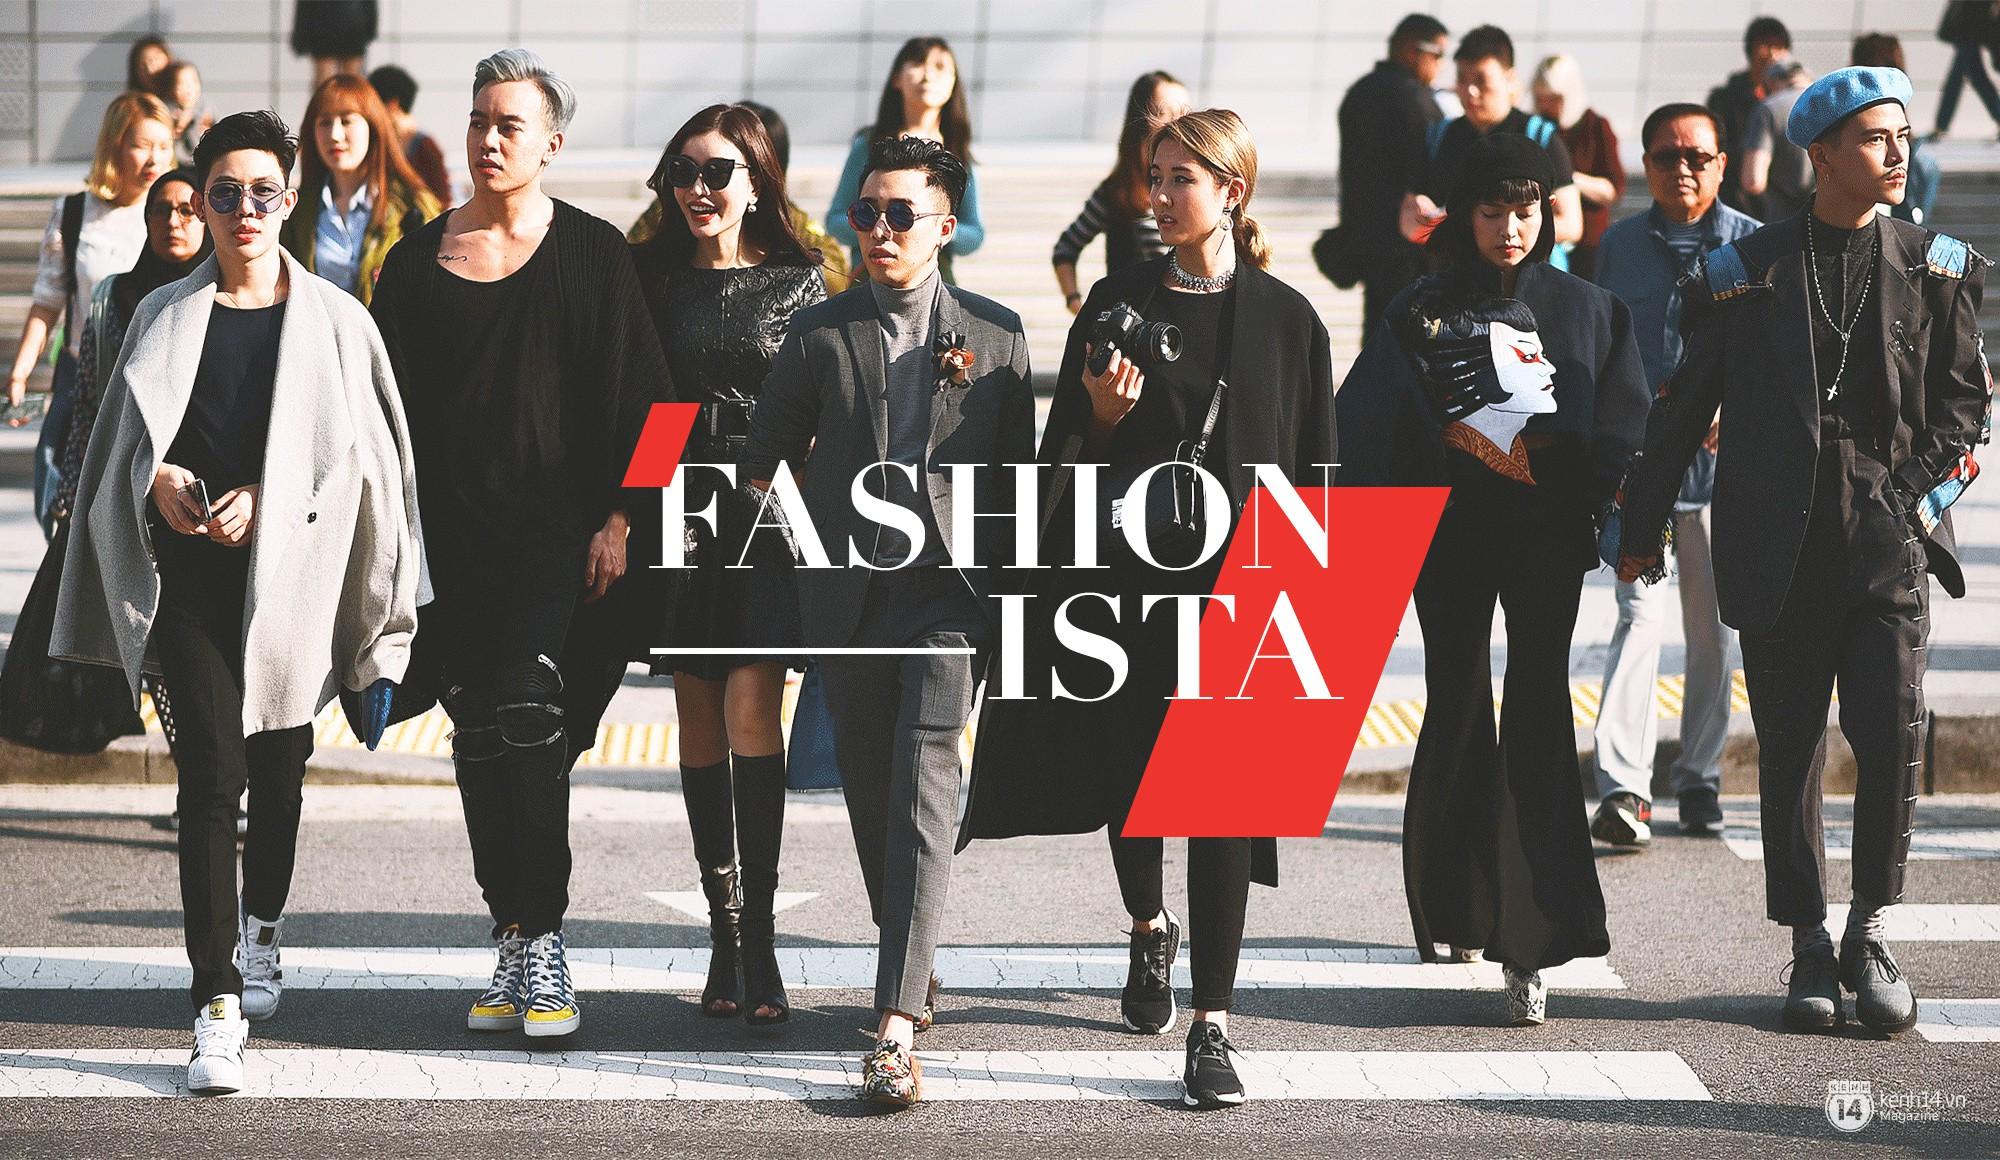 Không đơn thuần là khoe váy áo, sự bùng nổ của fashionista Việt tại các Tuần lễ thời trang còn mang ý nghĩa nhiều hơn thế - Ảnh 9.